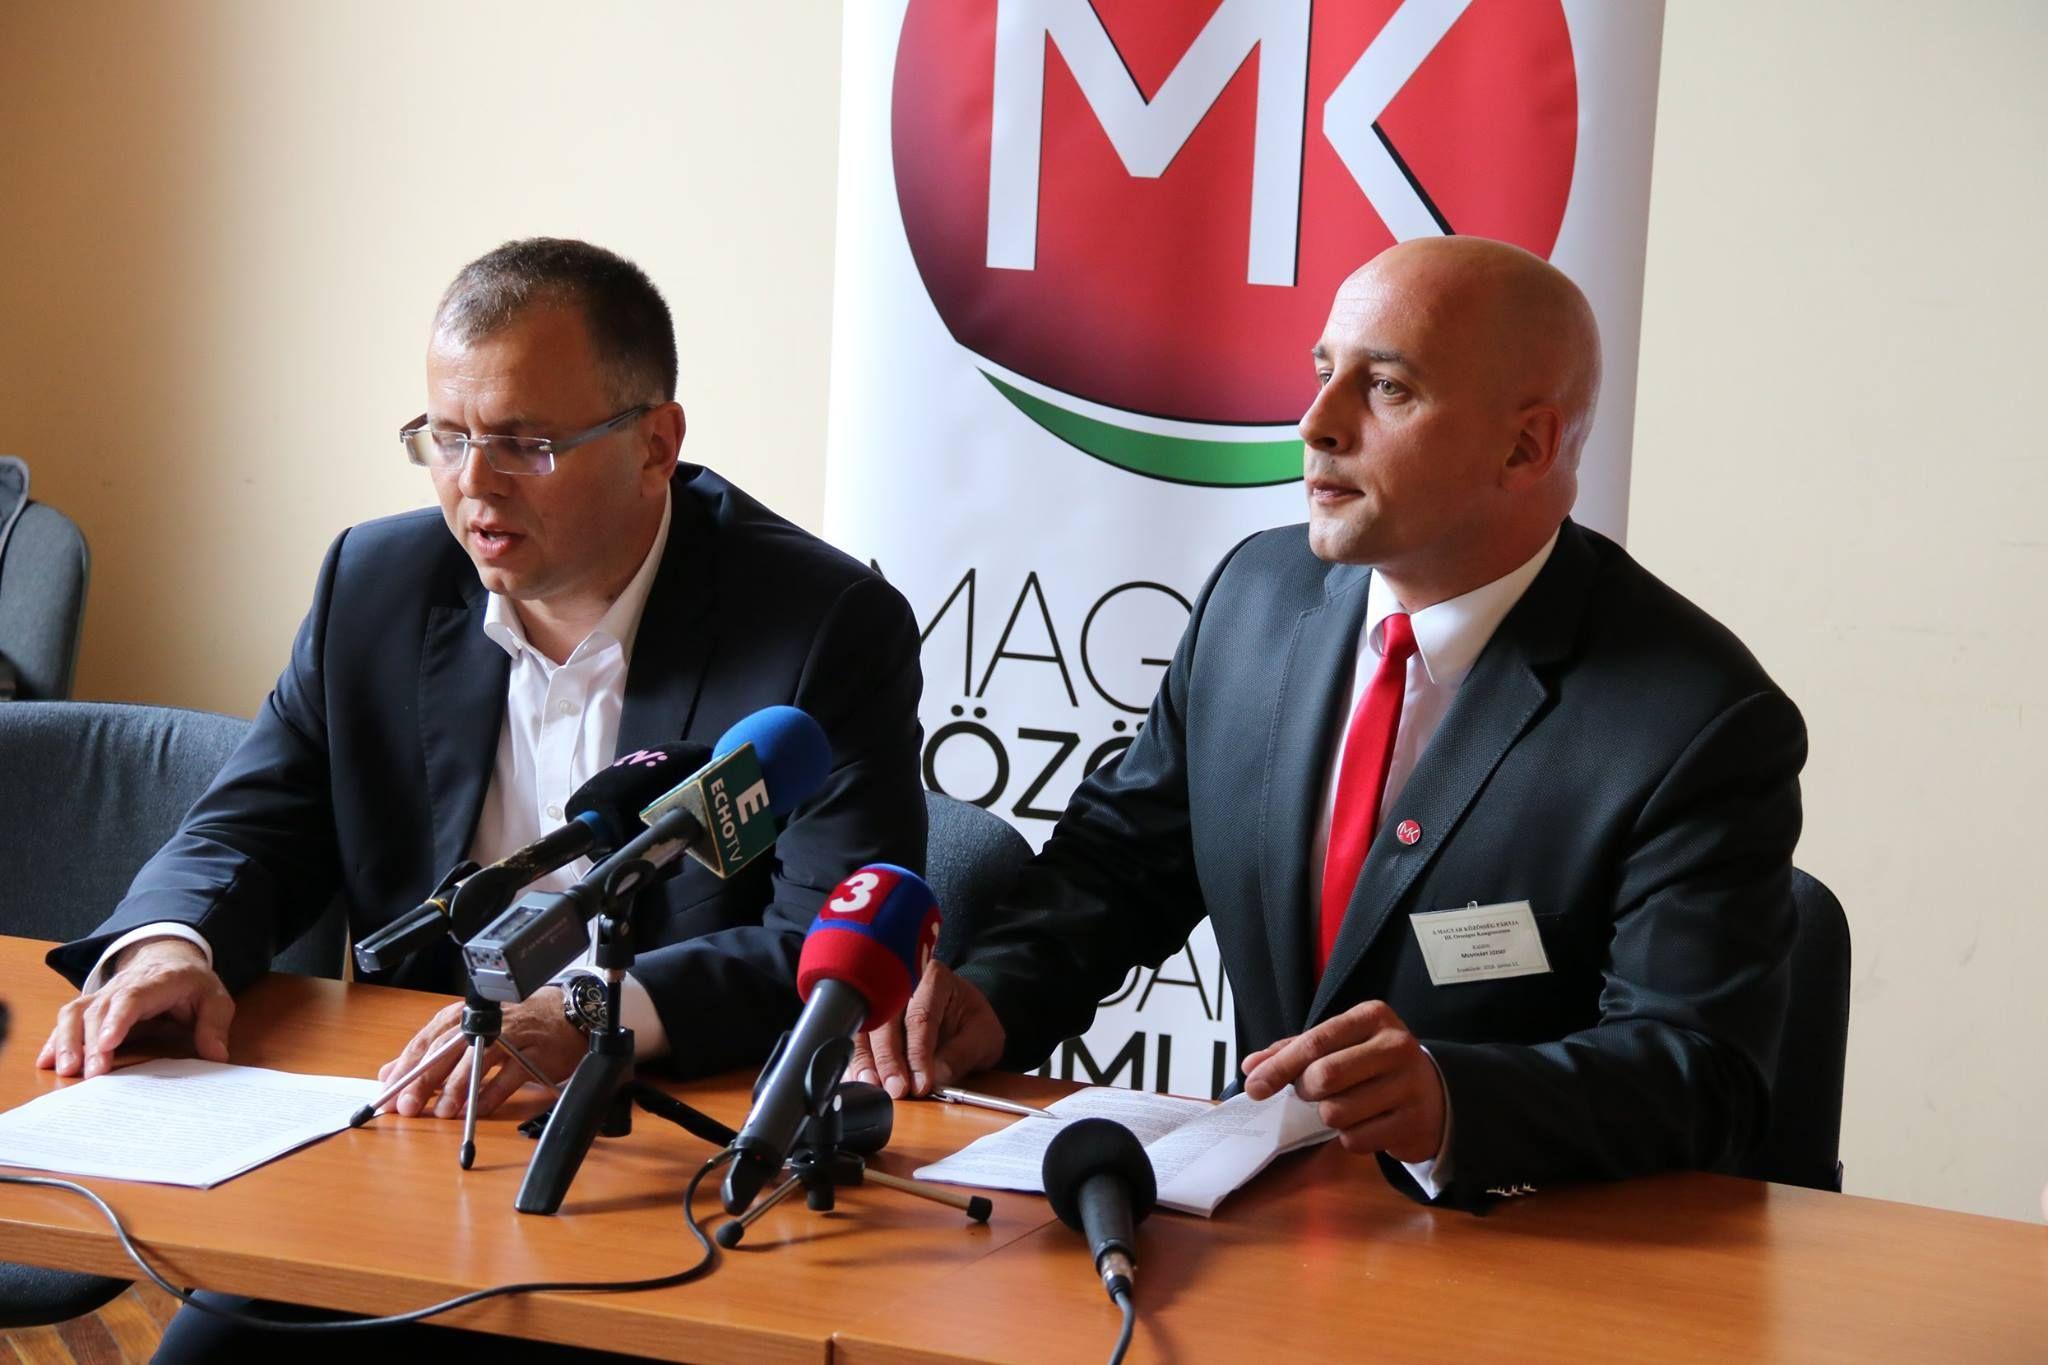 Őry Péter és Menyhárt József a sajtótájékoztatón, melyen bejelentették a tisztújítás hivatalos eredményét. (Fotó: Szinek János)